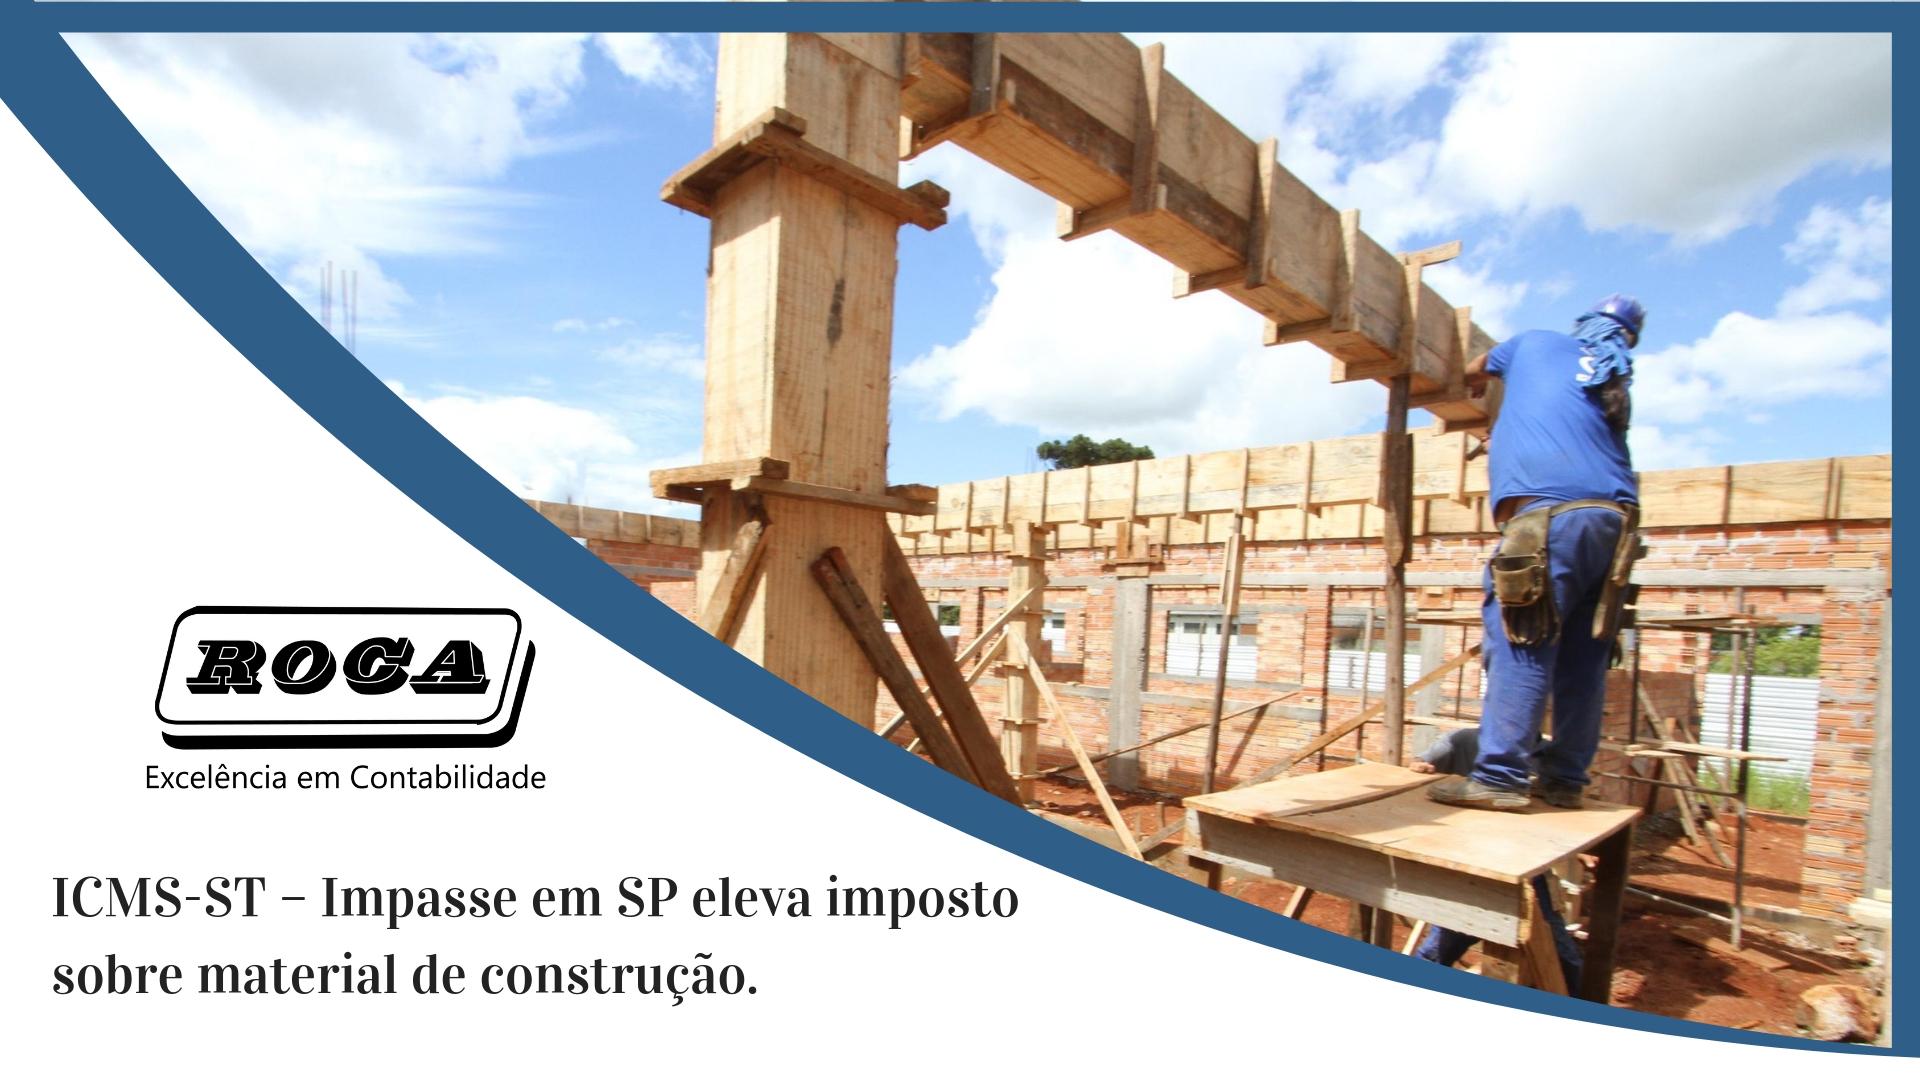 ICMS-ST – Impasse Em SP Eleva Imposto Sobre Material De Construção